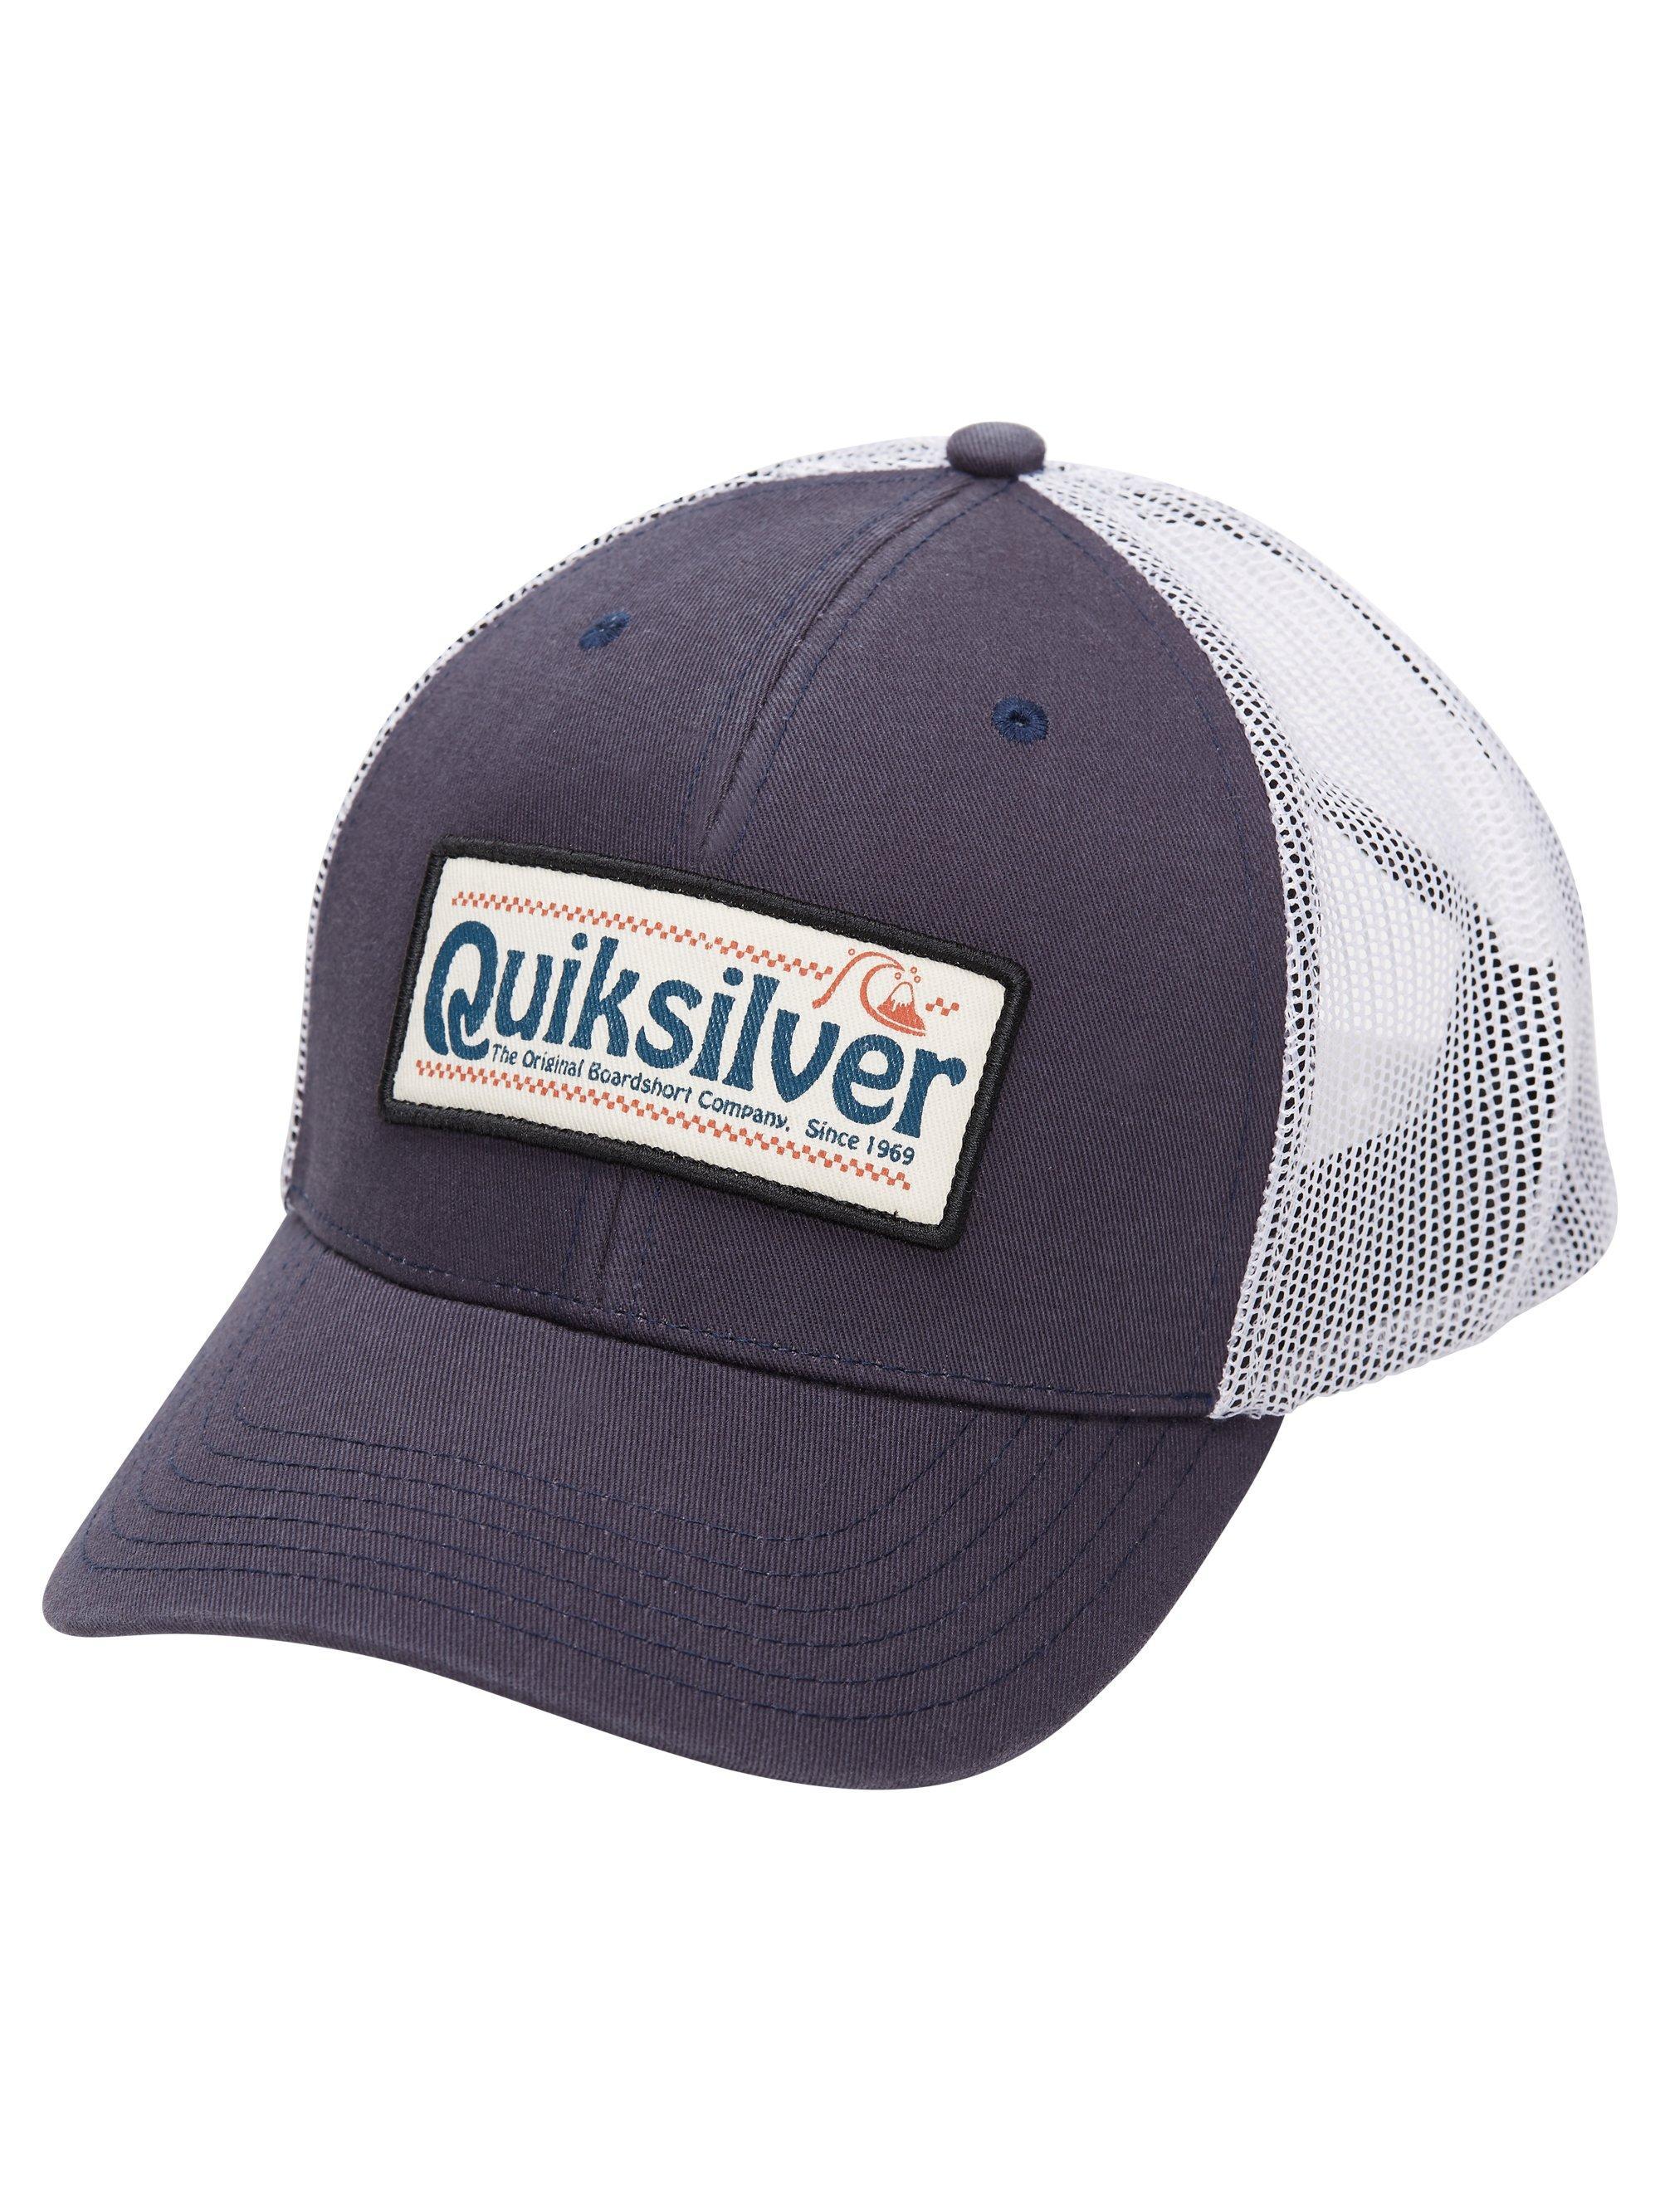 Men's Big Rigger Trucker Hat, Navy/White, swatch